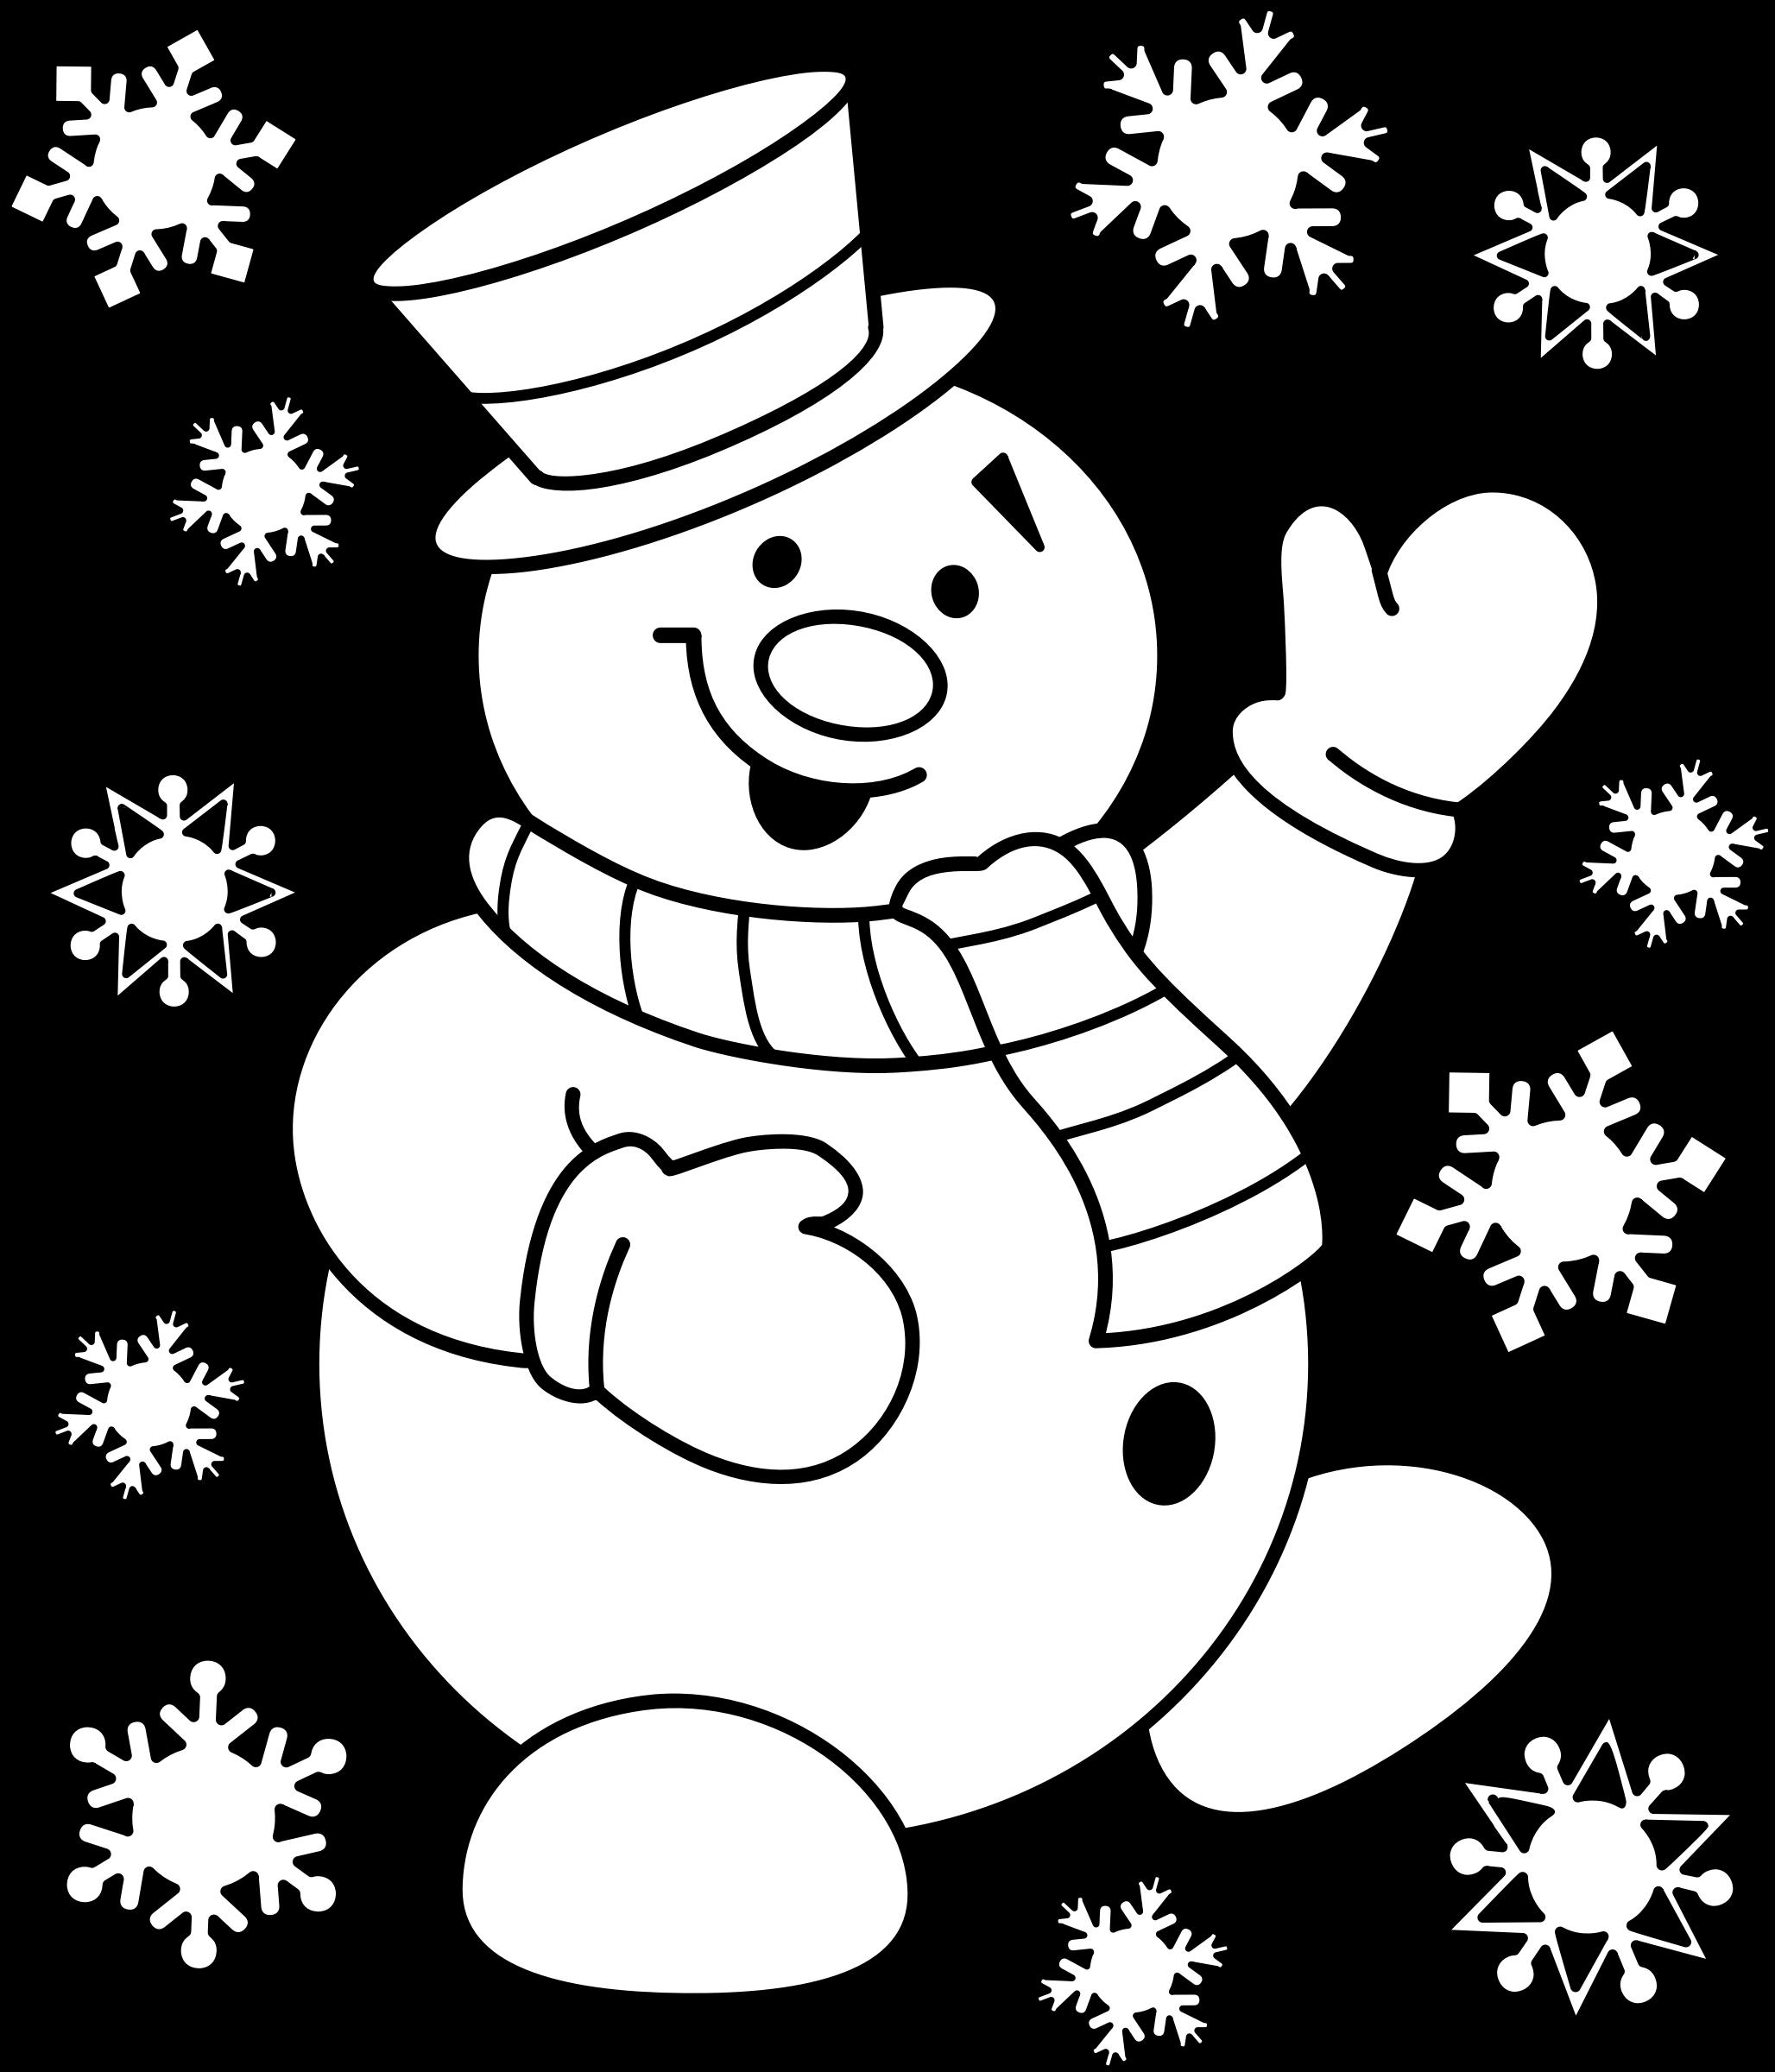 banner library Snowman black and white snowman black and white navishta sketch